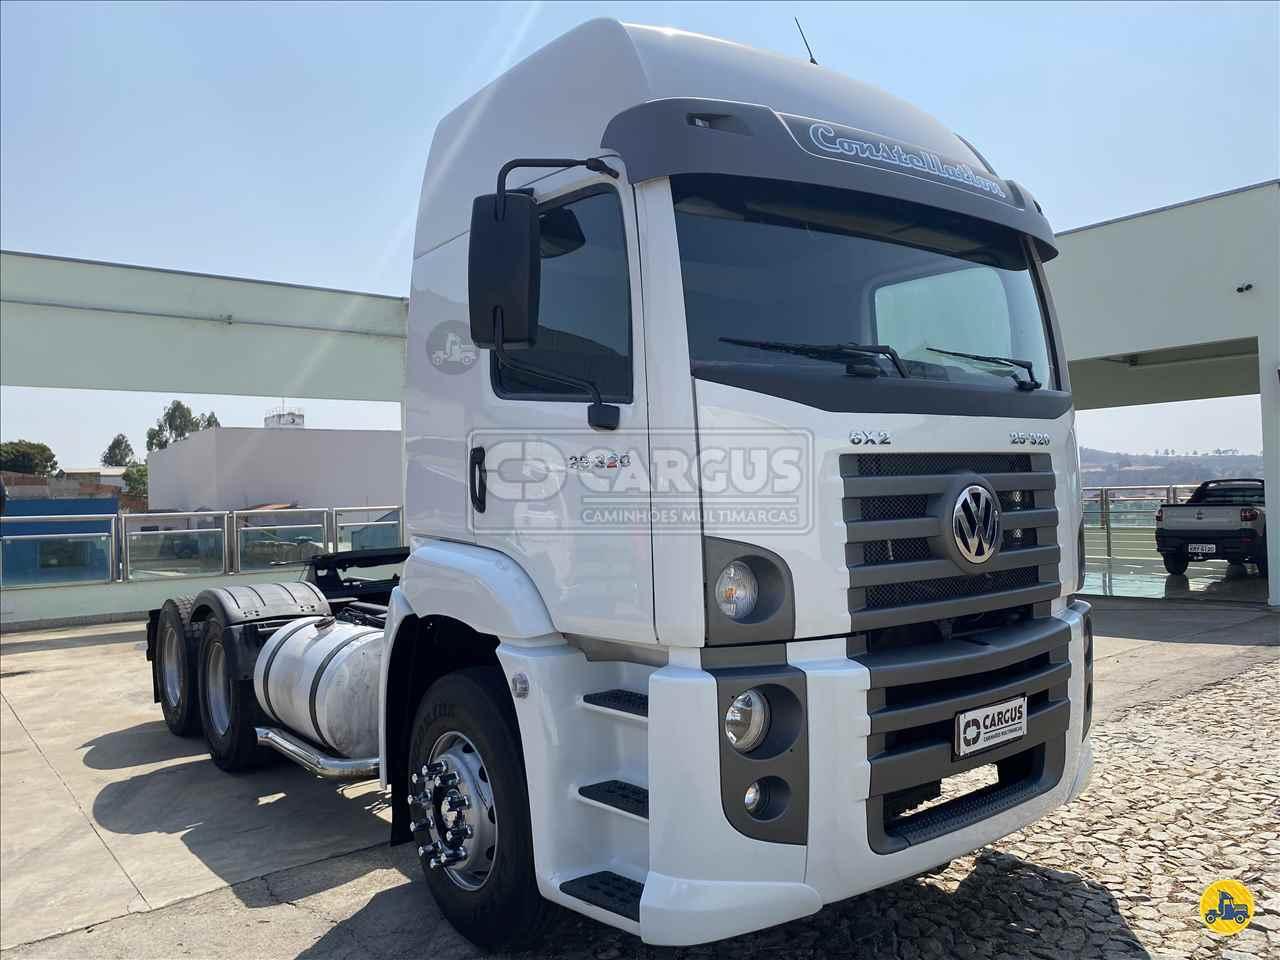 CAMINHAO VOLKSWAGEN VW 25320 Cavalo Mecânico Truck 6x2 Cargus Veículos PARA DE MINAS MINAS GERAIS MG